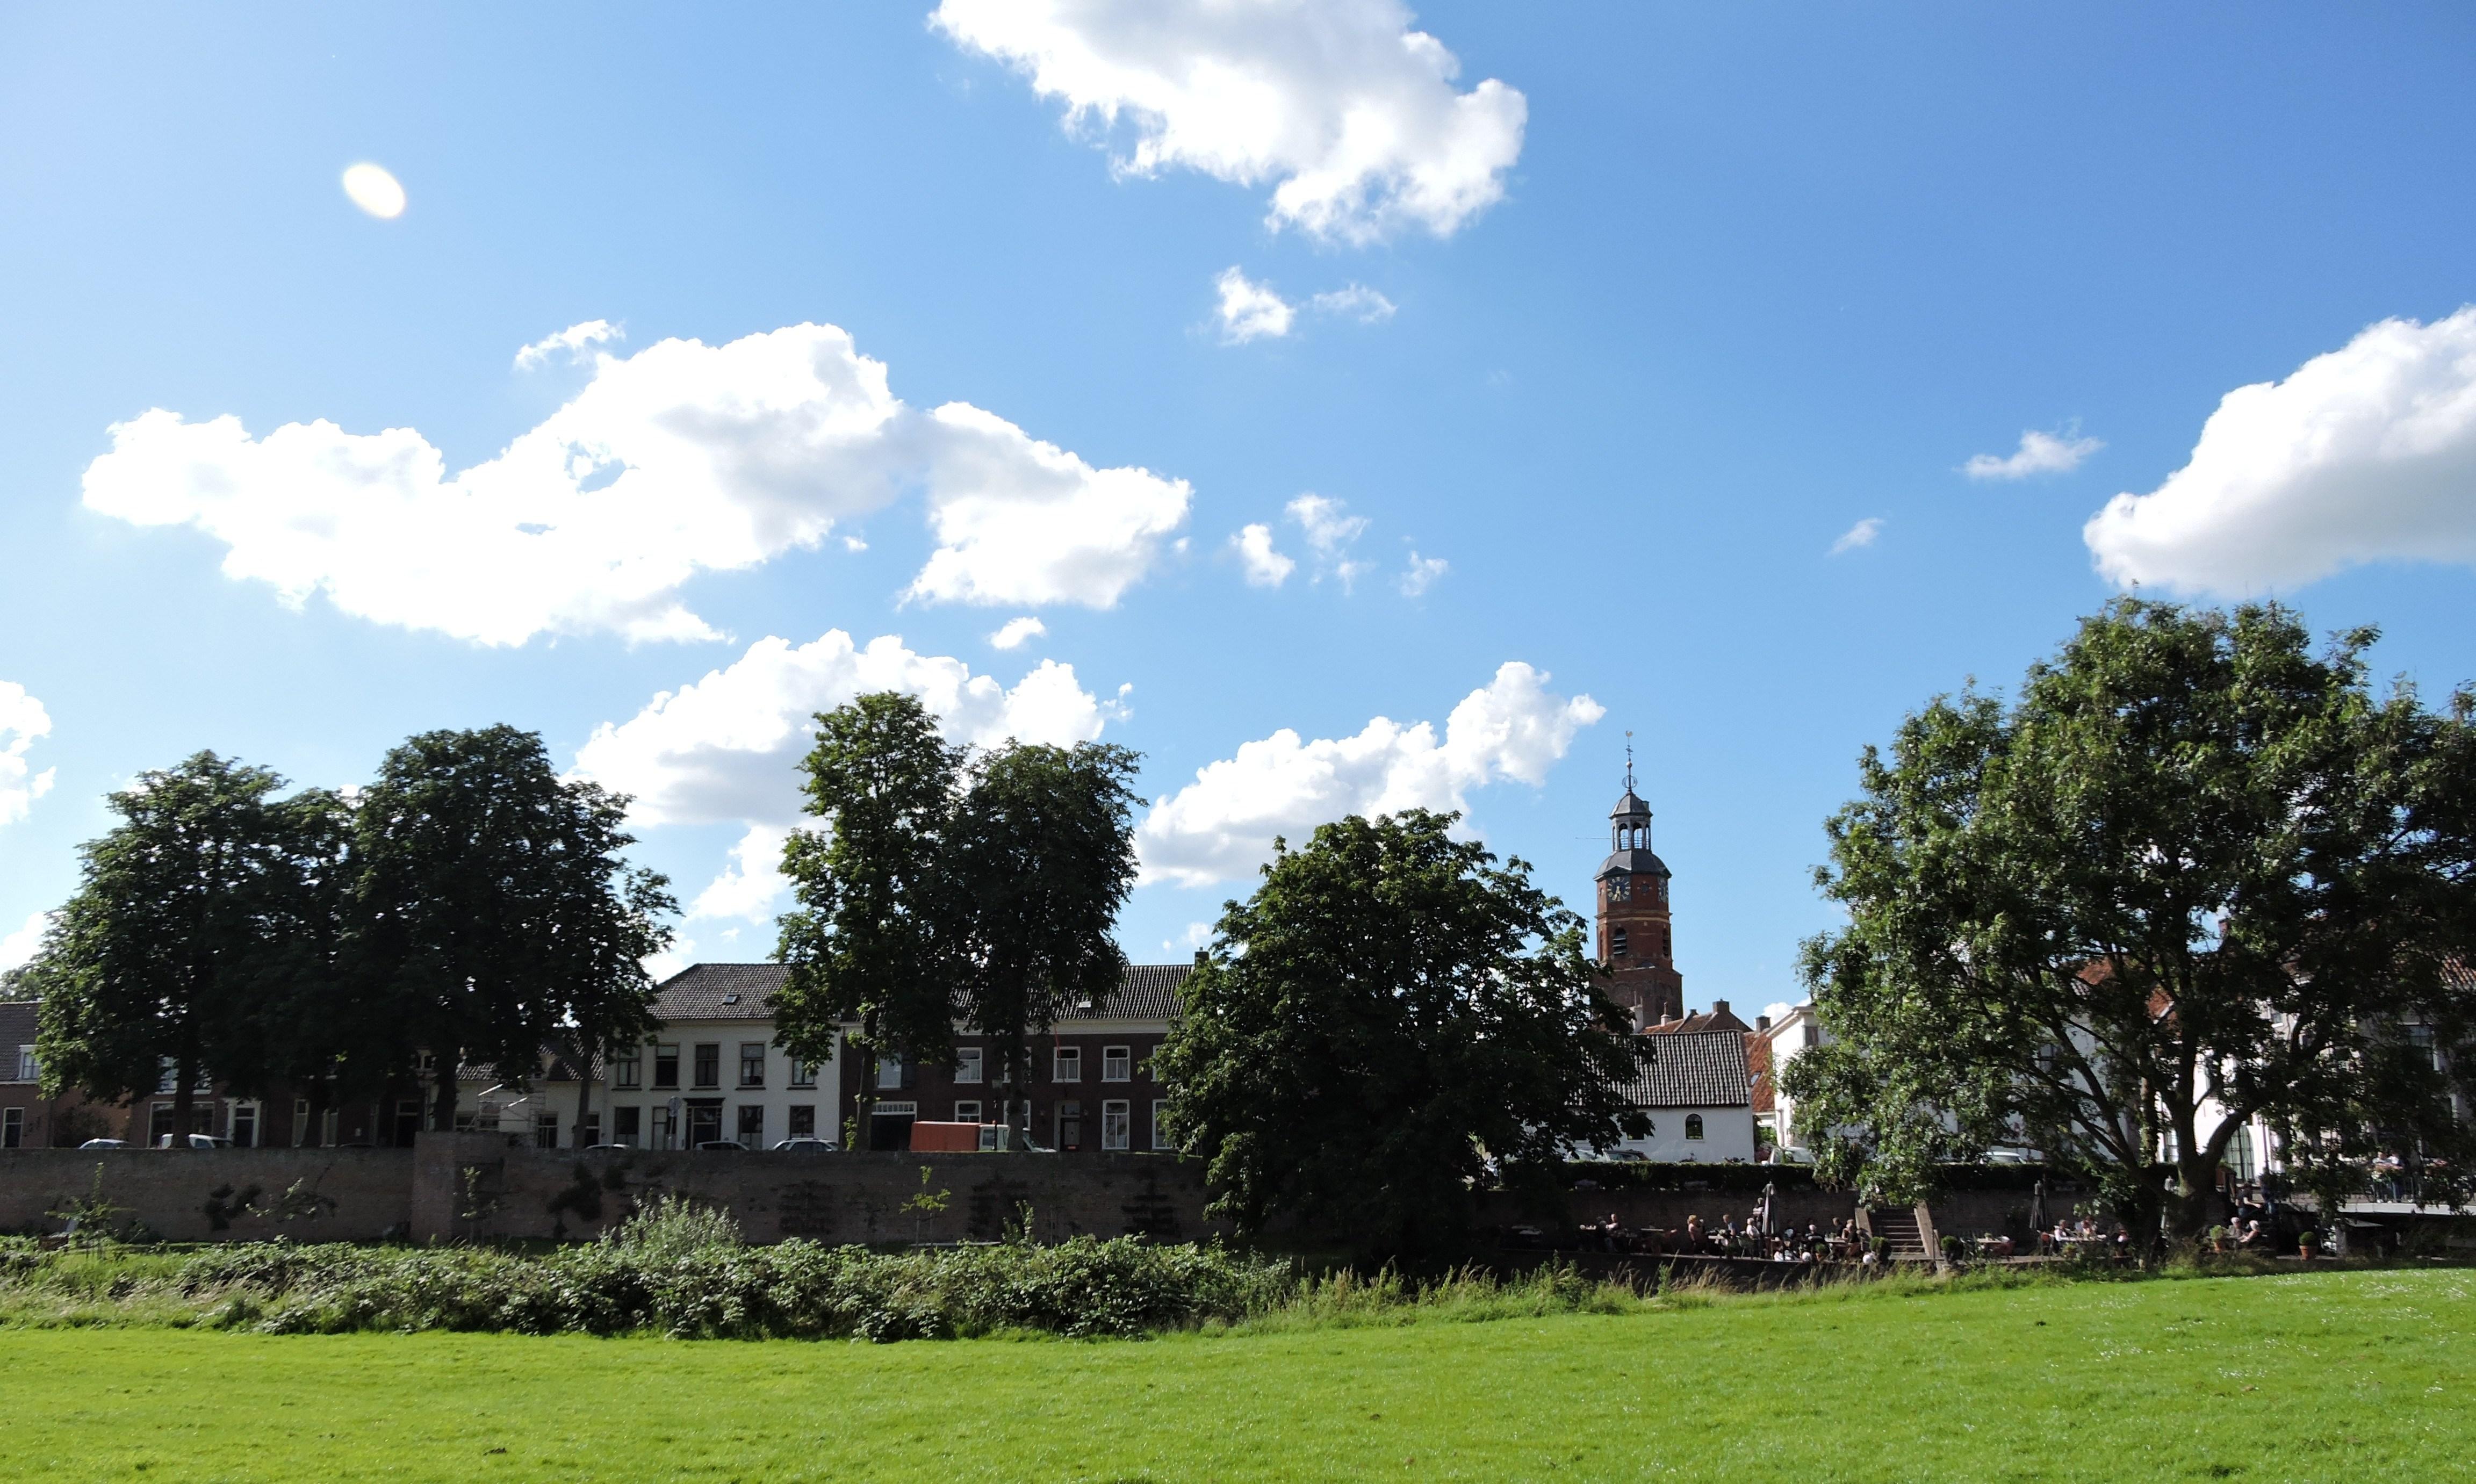 Afb. Het stadje Buren - middelpunt van het Graafschap Buren.